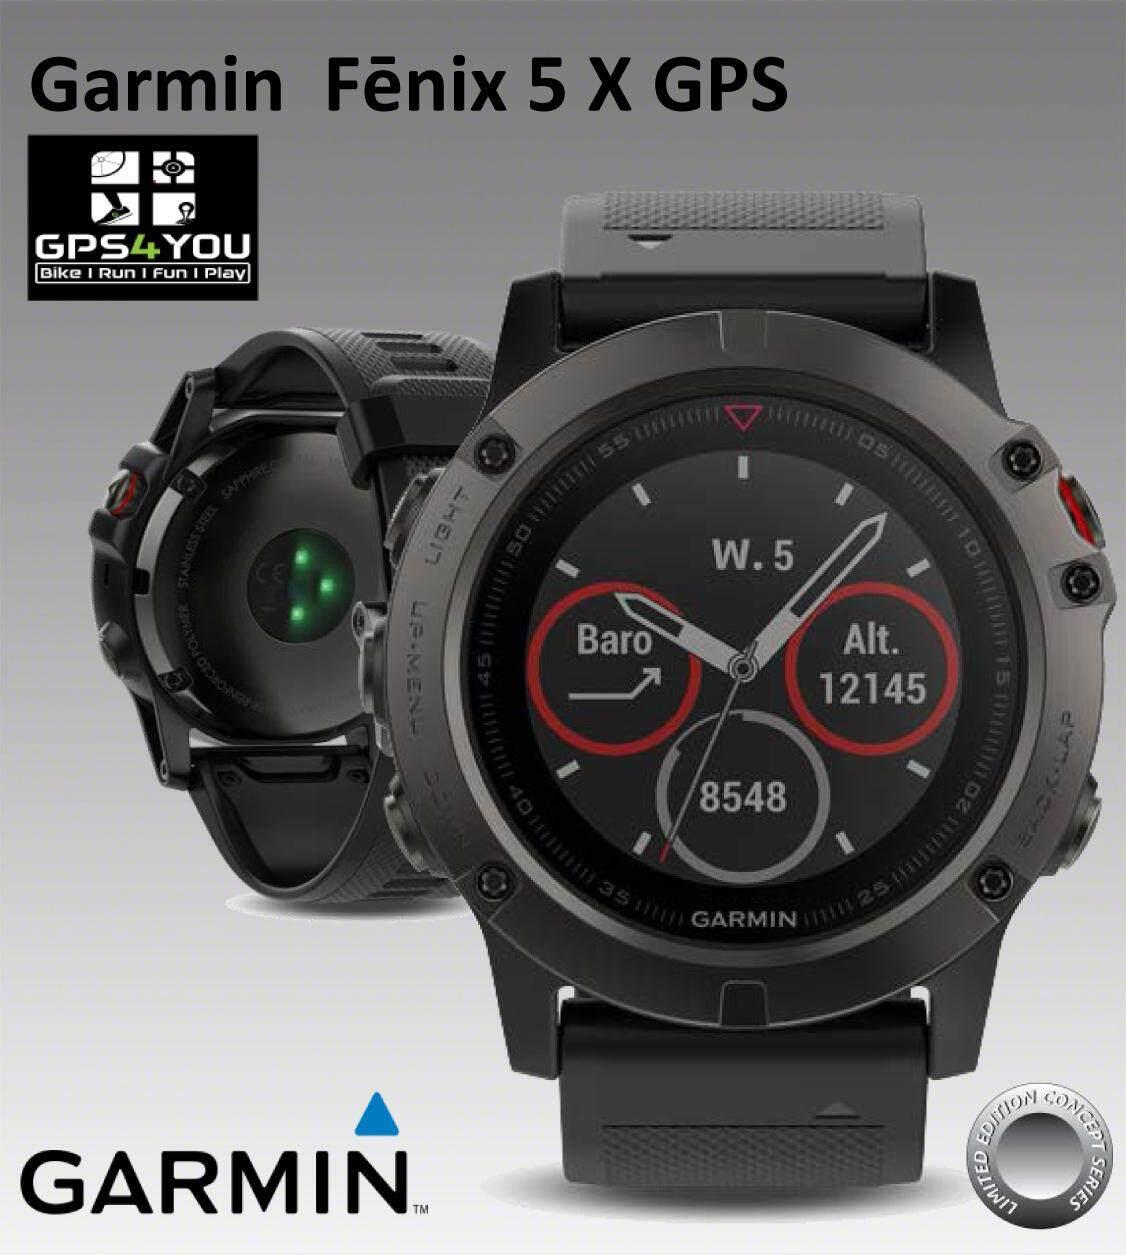 สอนใช้งาน  ชัยนาท Garmin Fēnix 5 X Sapphire Multisport GPS Mapping สินค้าพร้อมส่ง  (Instruction Manual in Thai & English)  (คู่มือภาษาไทยและอังกฤษ)